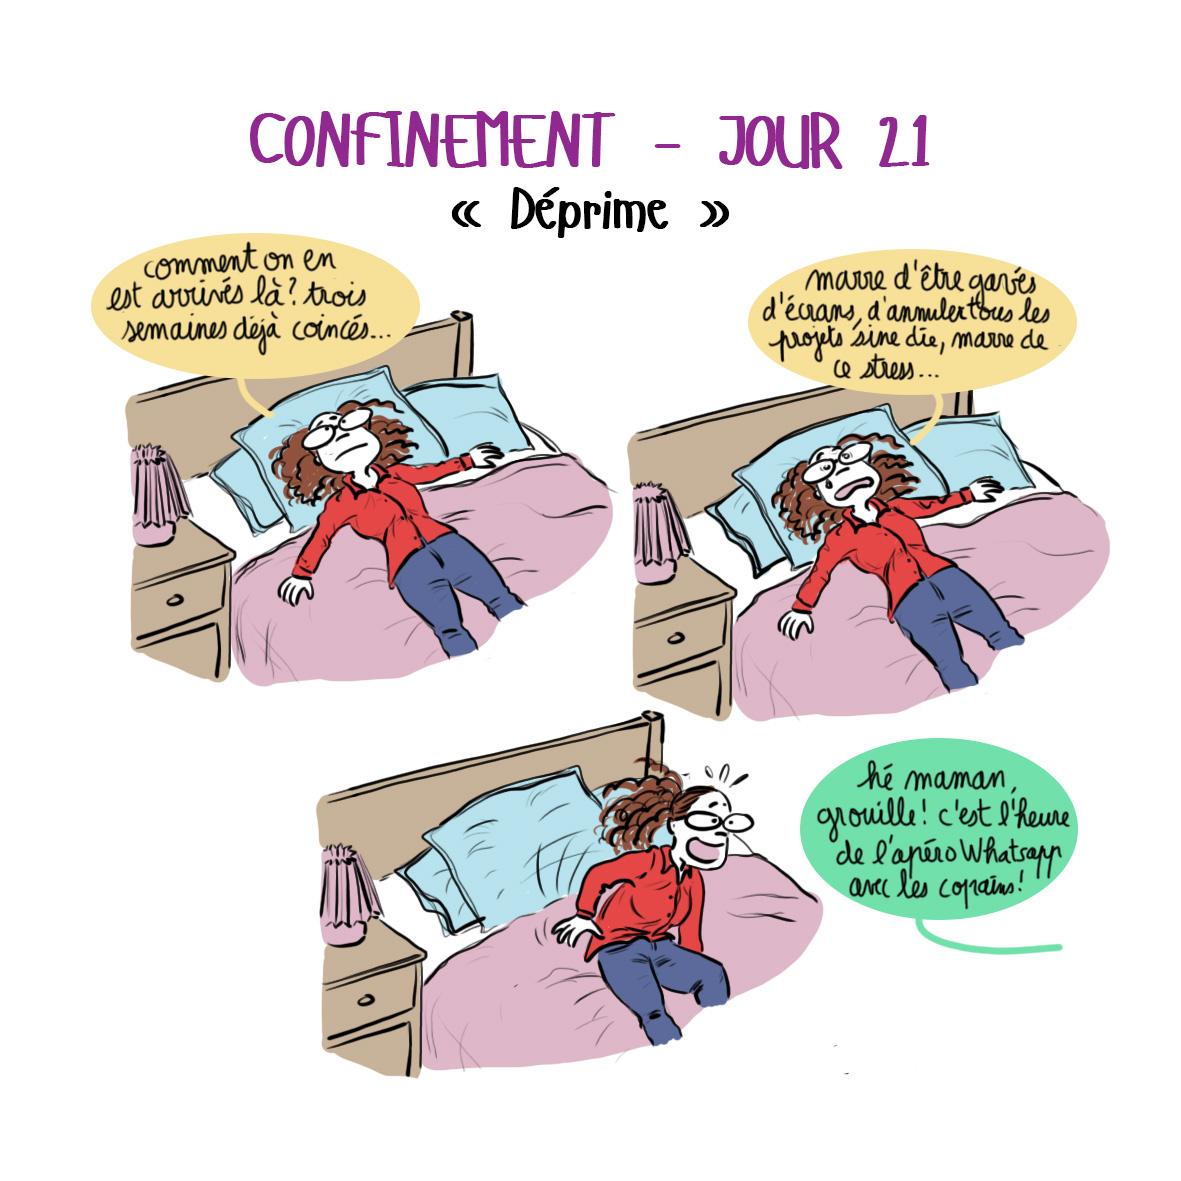 Journal de confinement - jour 21